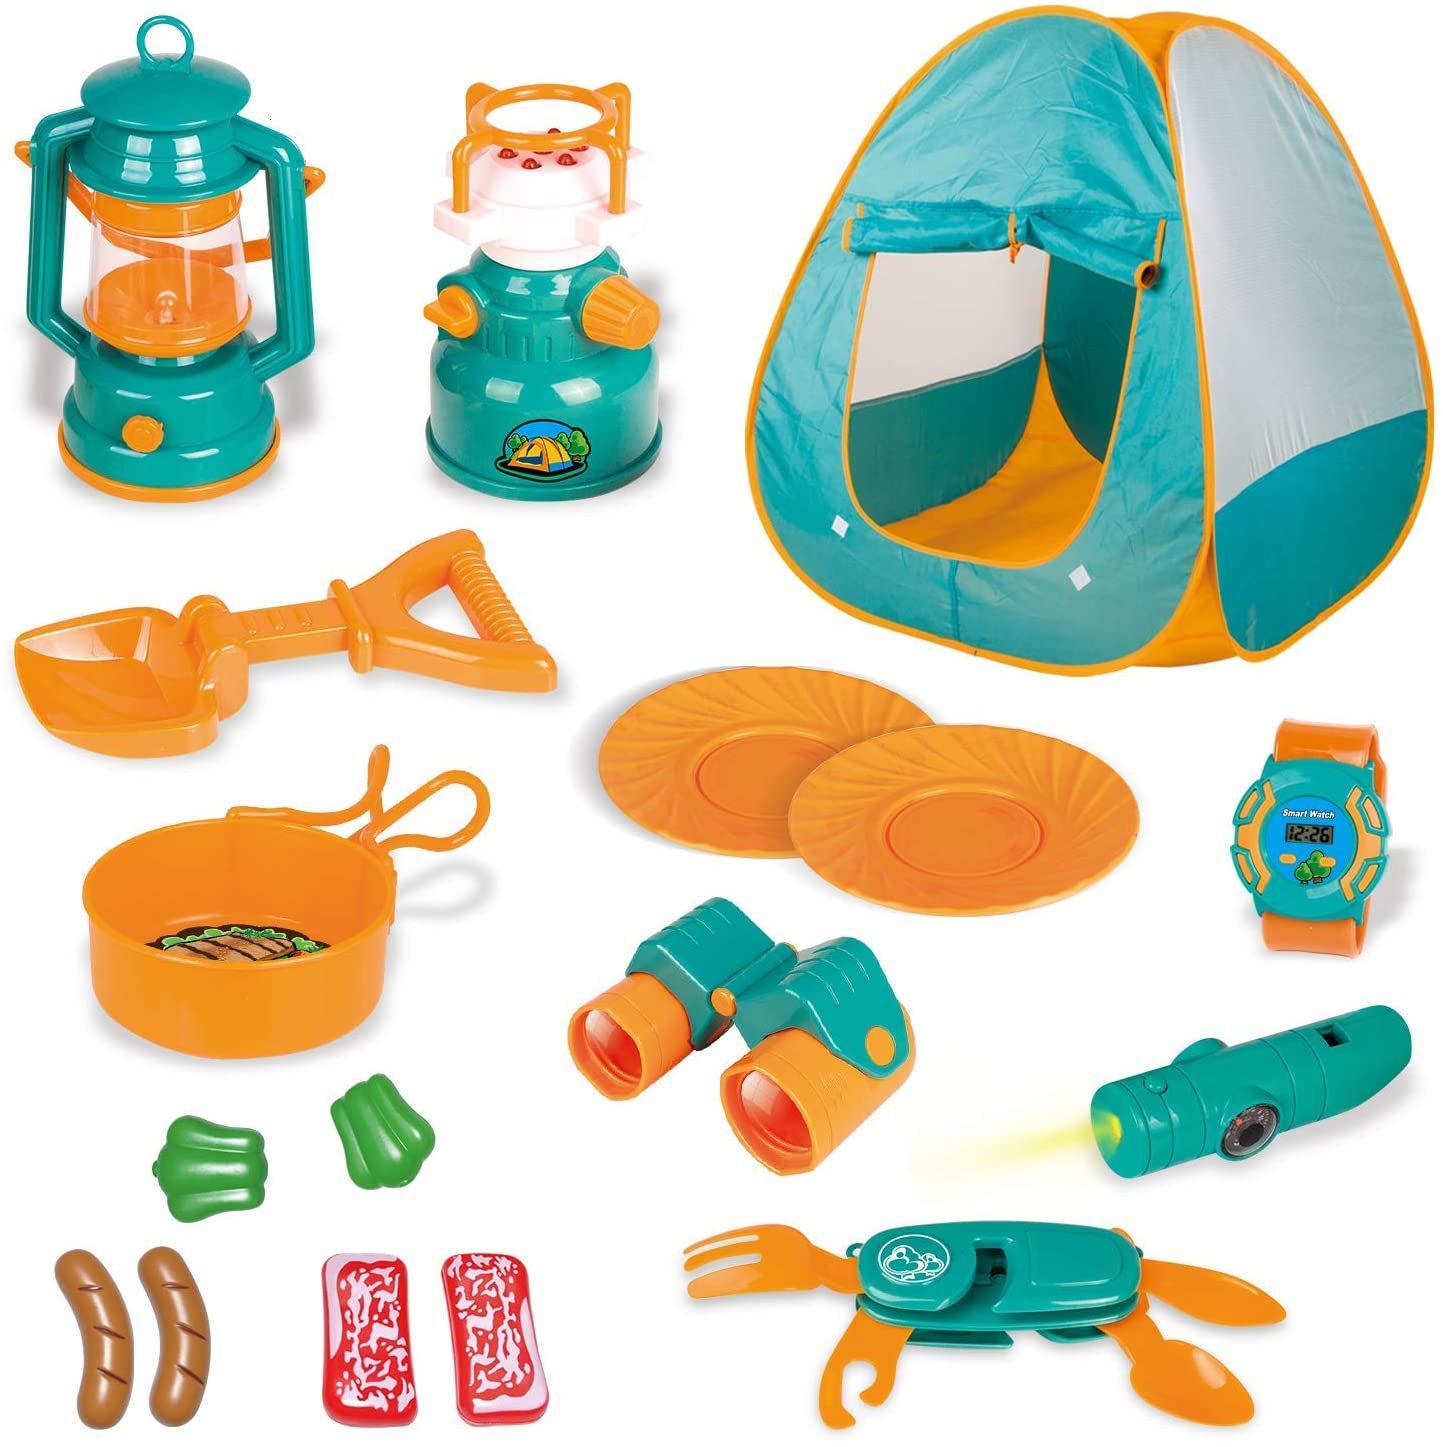 Tente de camping pour pique-nique pour enfants Ensemble de loisirs en plein air Jeux à la maison Jeux d'enfants éducatifs